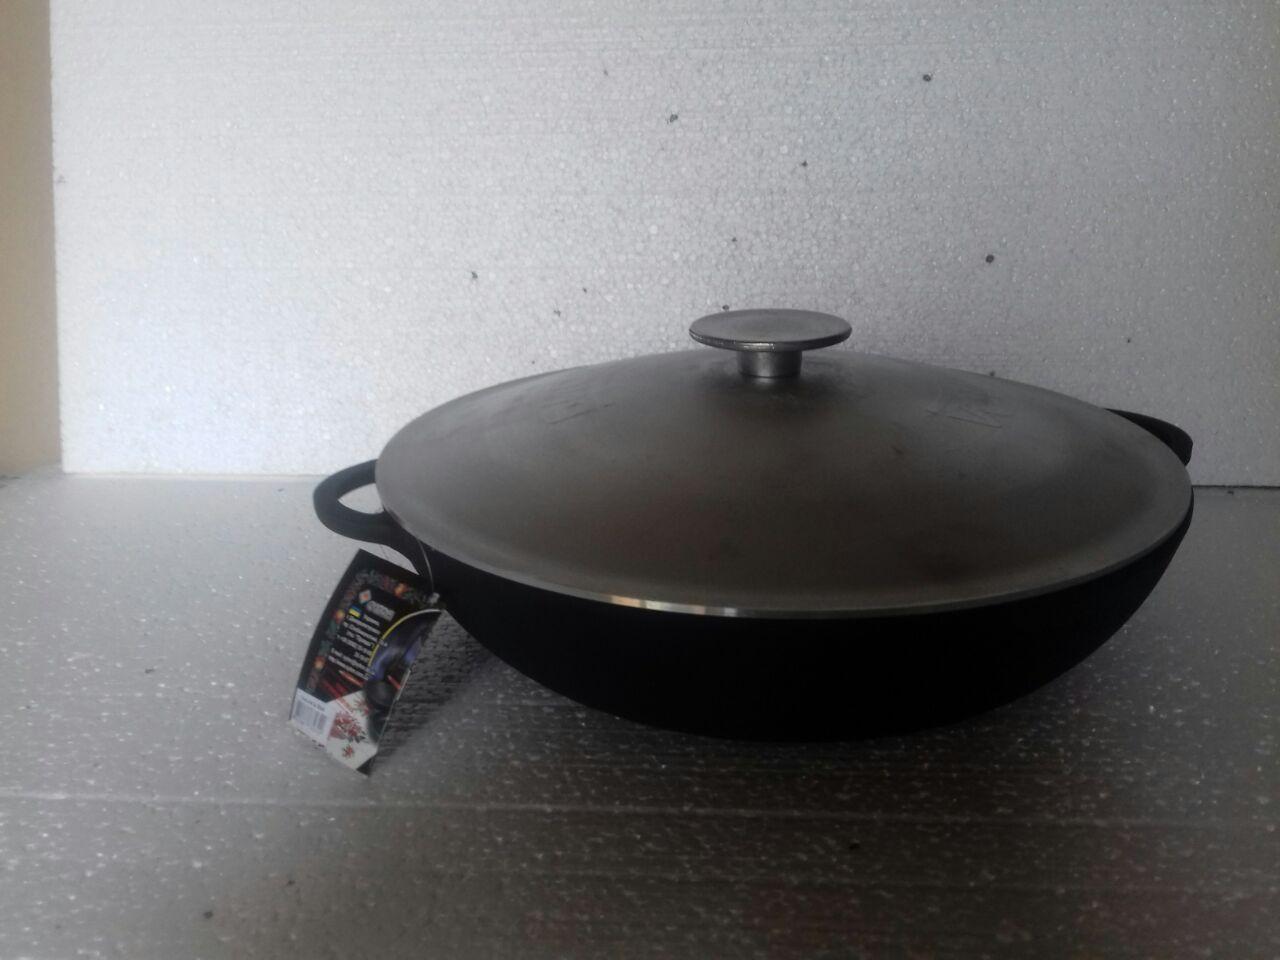 Сковорода чугунная (жаровня), d=360 мм, h=80 мм с алюминиевой крышкой